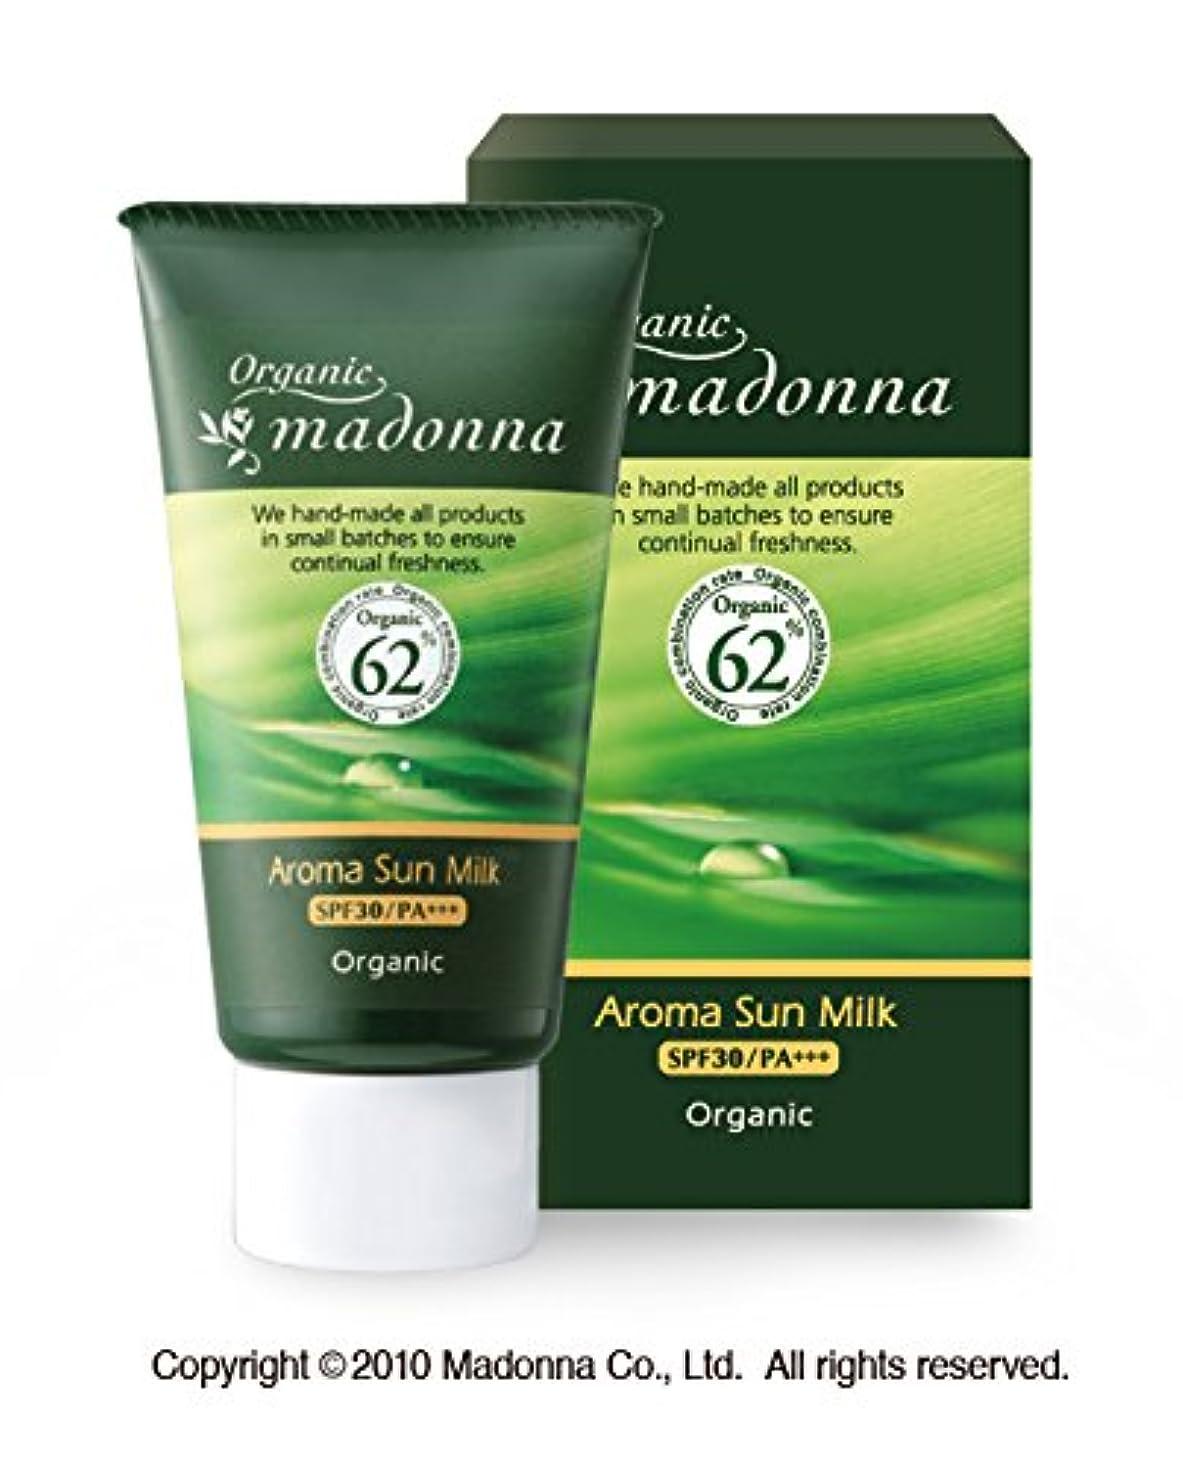 発音する電極好奇心盛オーガニックマドンナ アロマサンミルク45g(SPF30/PA+++)<オーガニック62%配合>